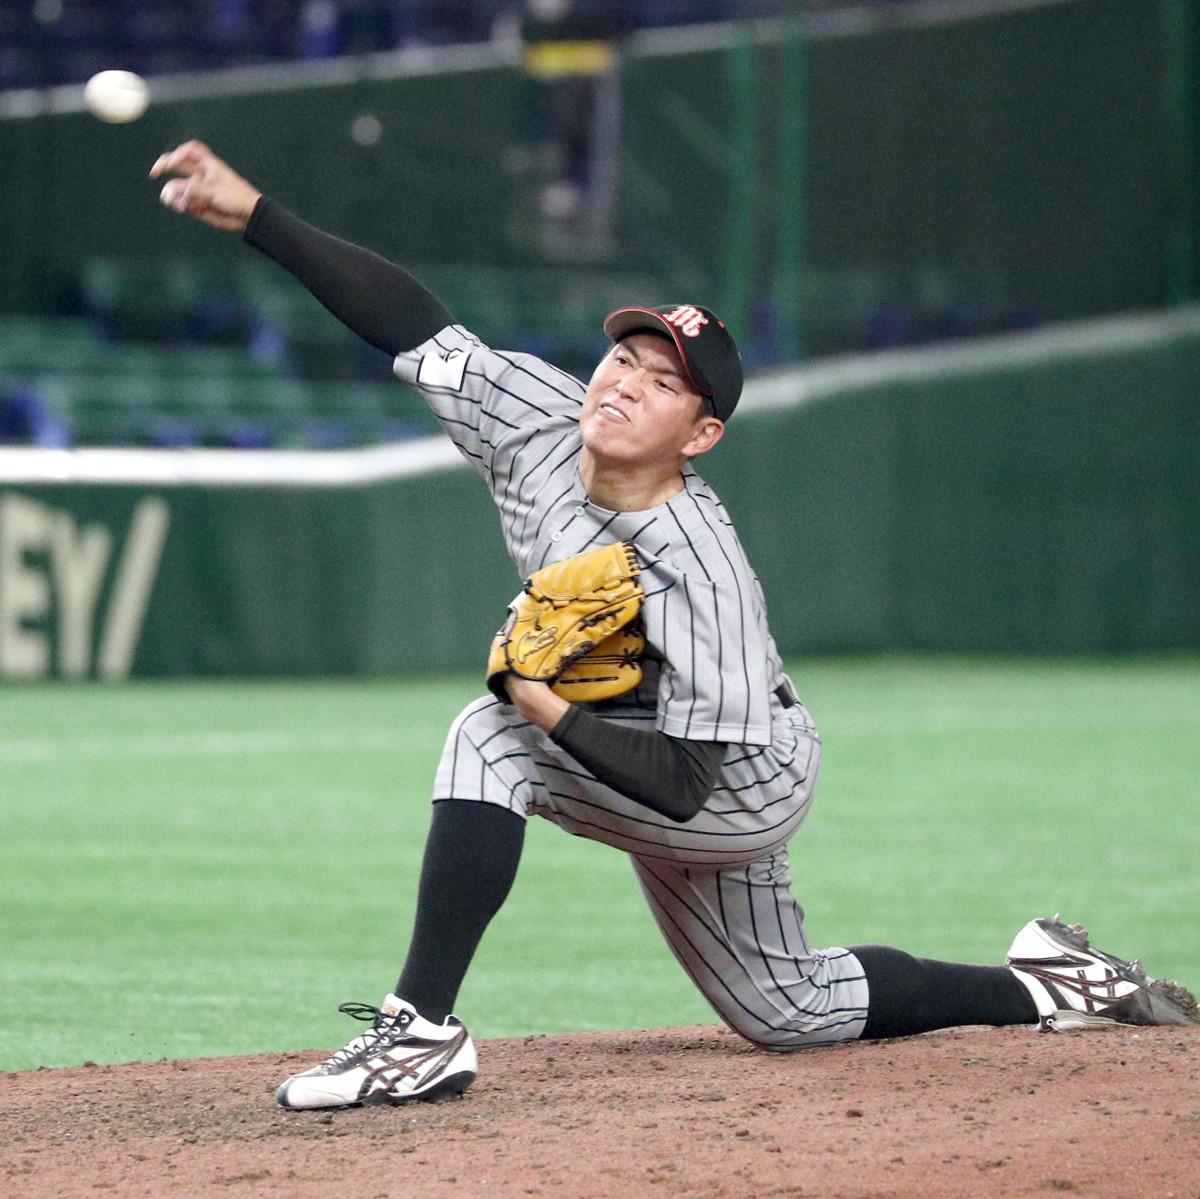 都市対抗野球】来年ドラフト候補の三菱自動車倉敷オーシャンズ・広畑敦也が自己最速154キロ「速すぎるかな」JFE東日本の連覇阻止 : スポーツ報知